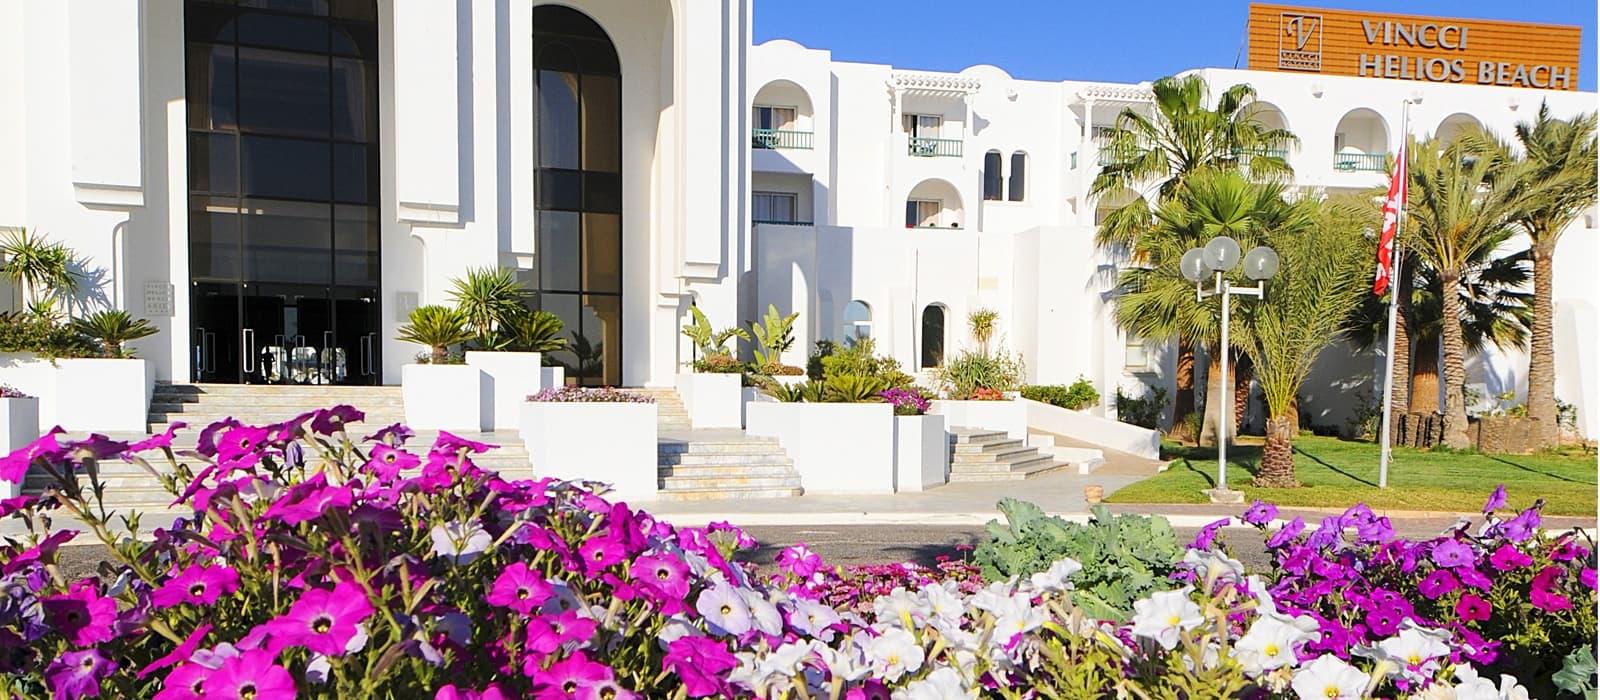 Hotel Djerba Hélios Beach - Vincci Hoteles